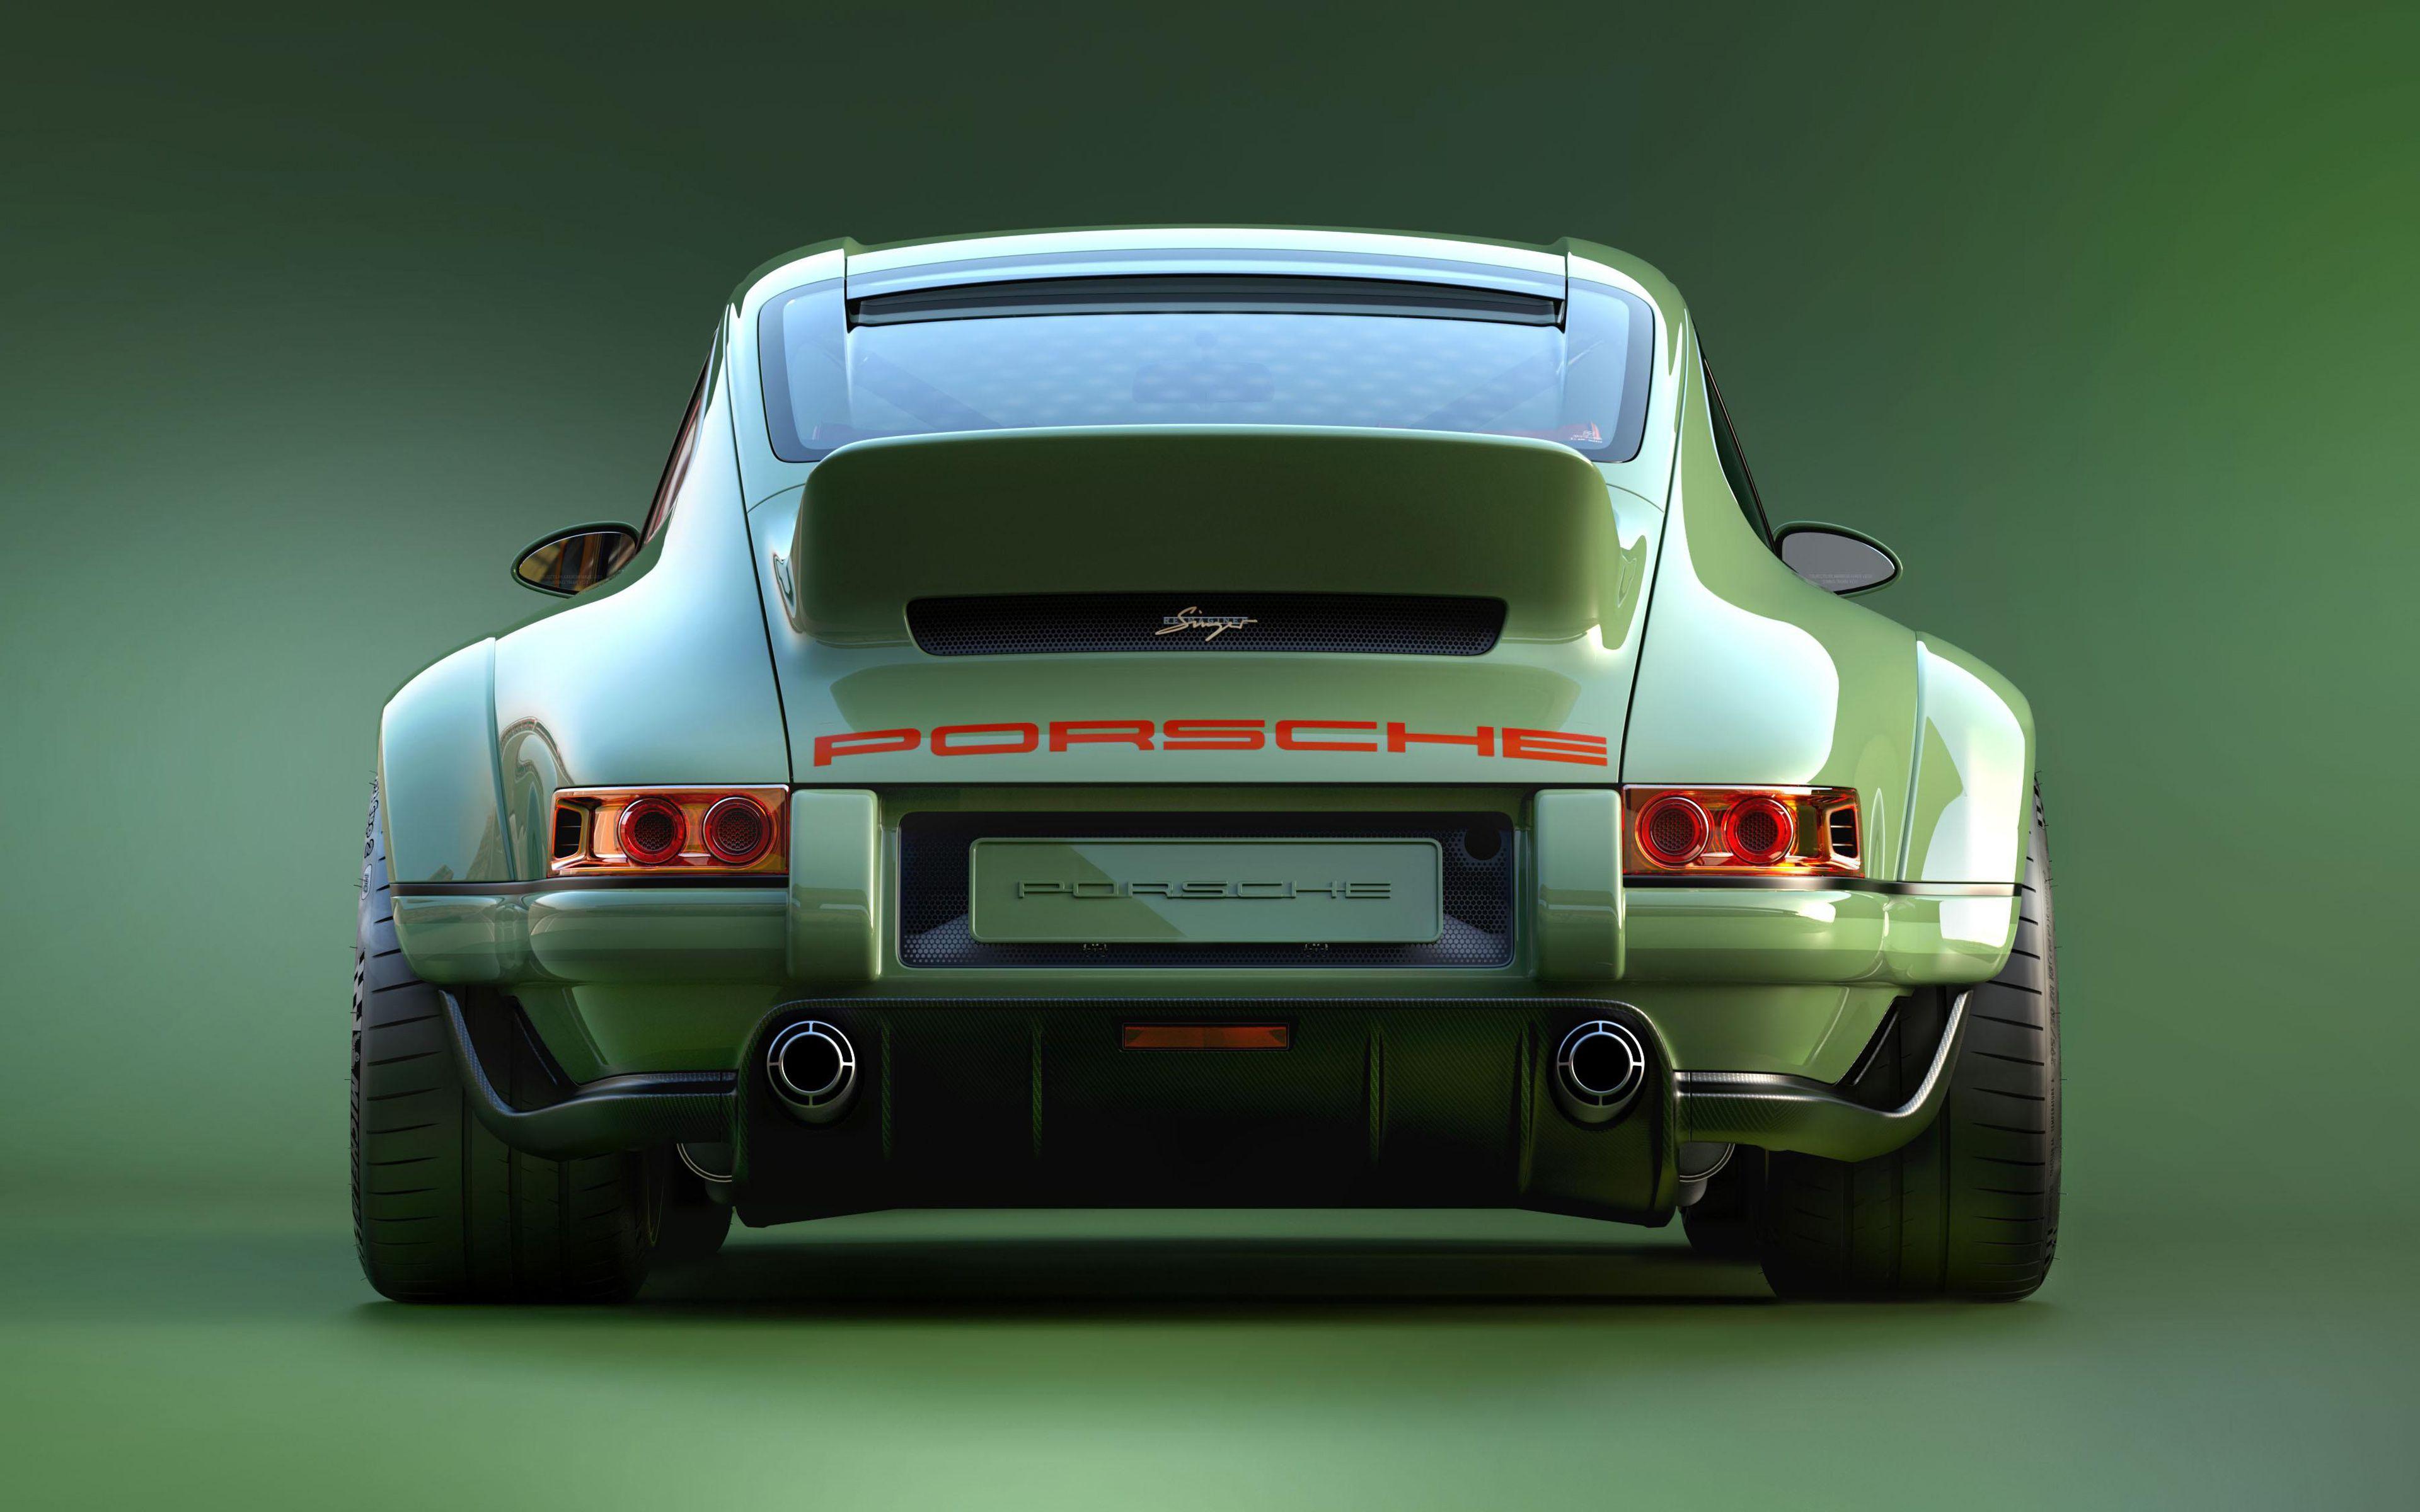 Descargar fondos de pantalla Porsche 911, 4k, supercars, Cantante, tuning, Porsche monitor con una resolución 3840×2400. Imagenes de escritorio